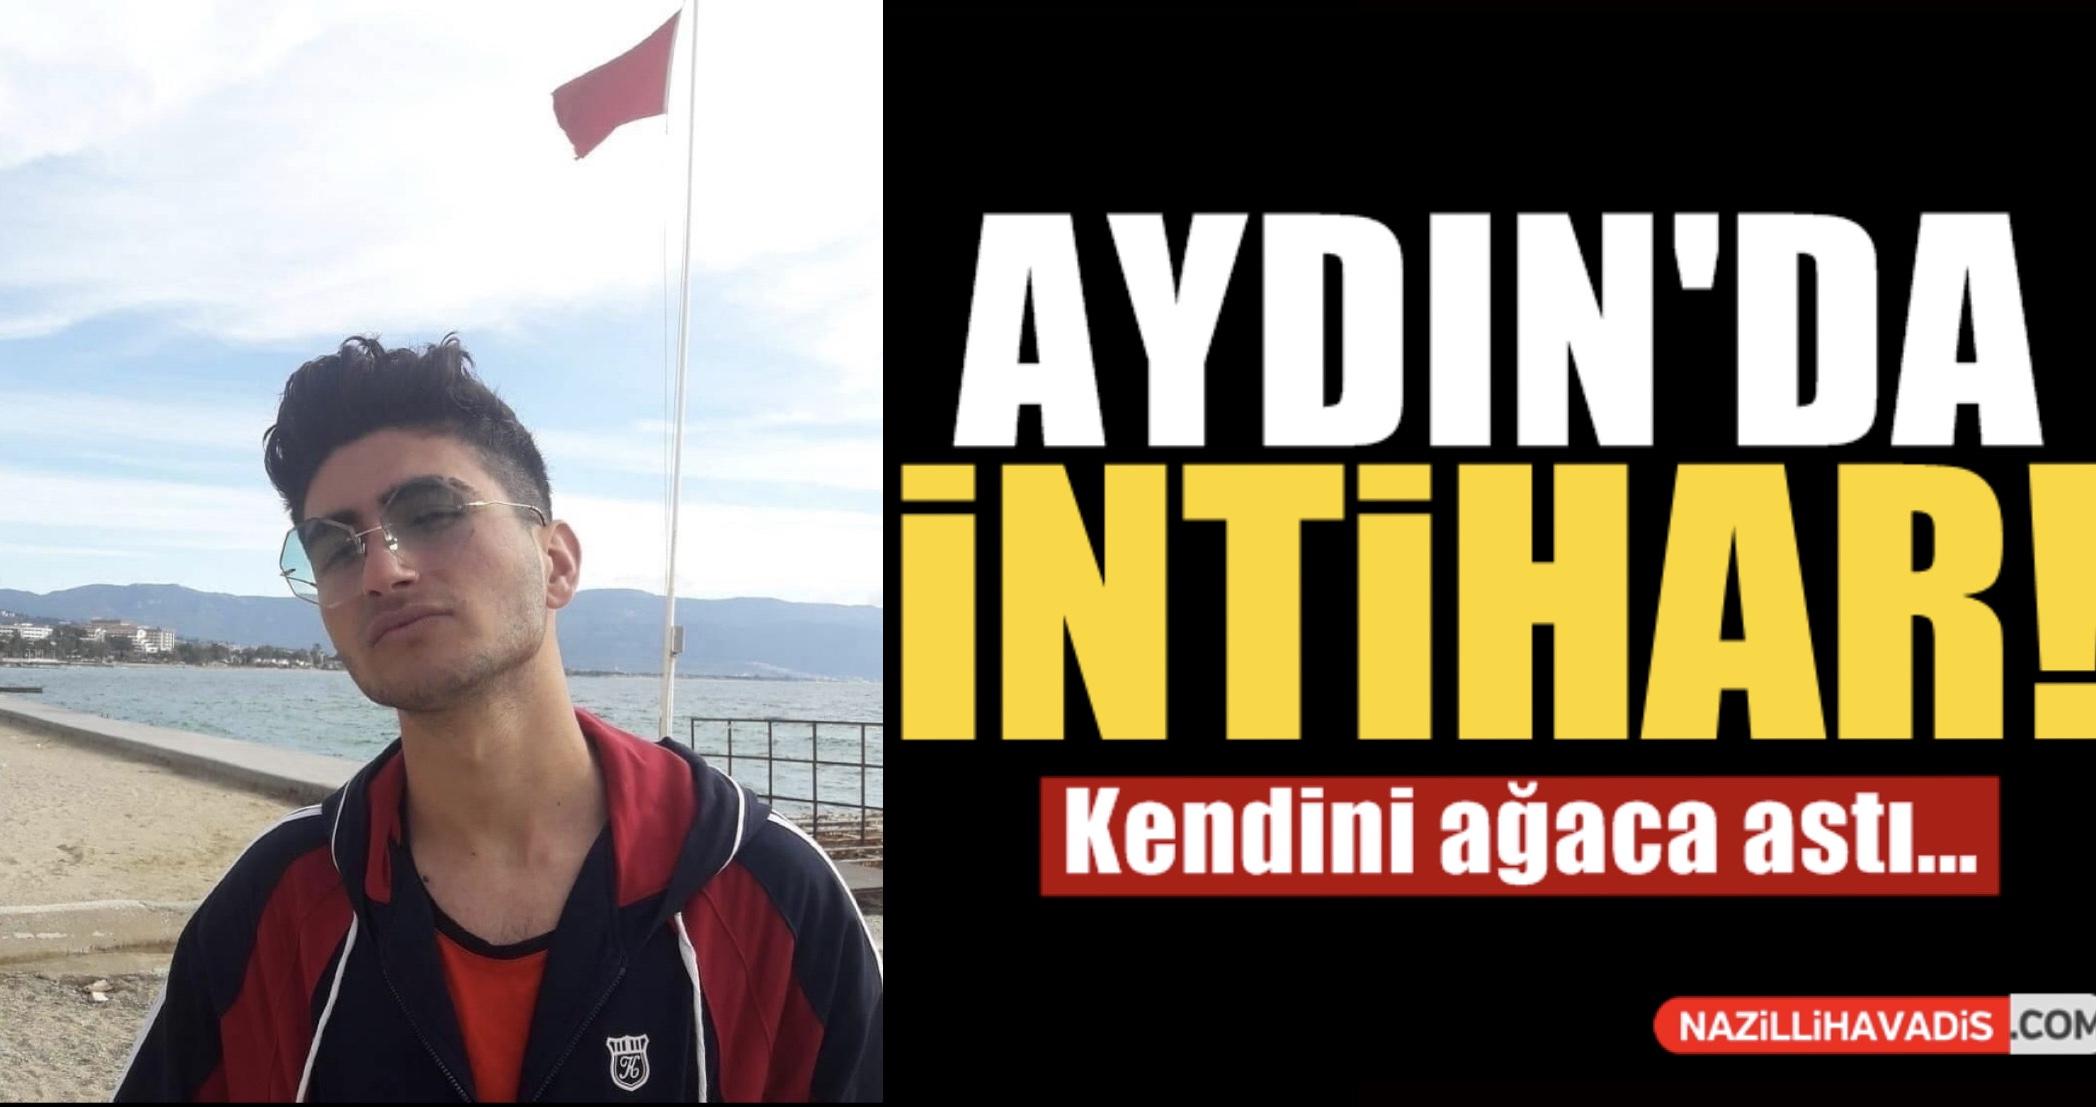 AYDIN'DA LİSELİ GENÇ İNTİHAR ETTİ!